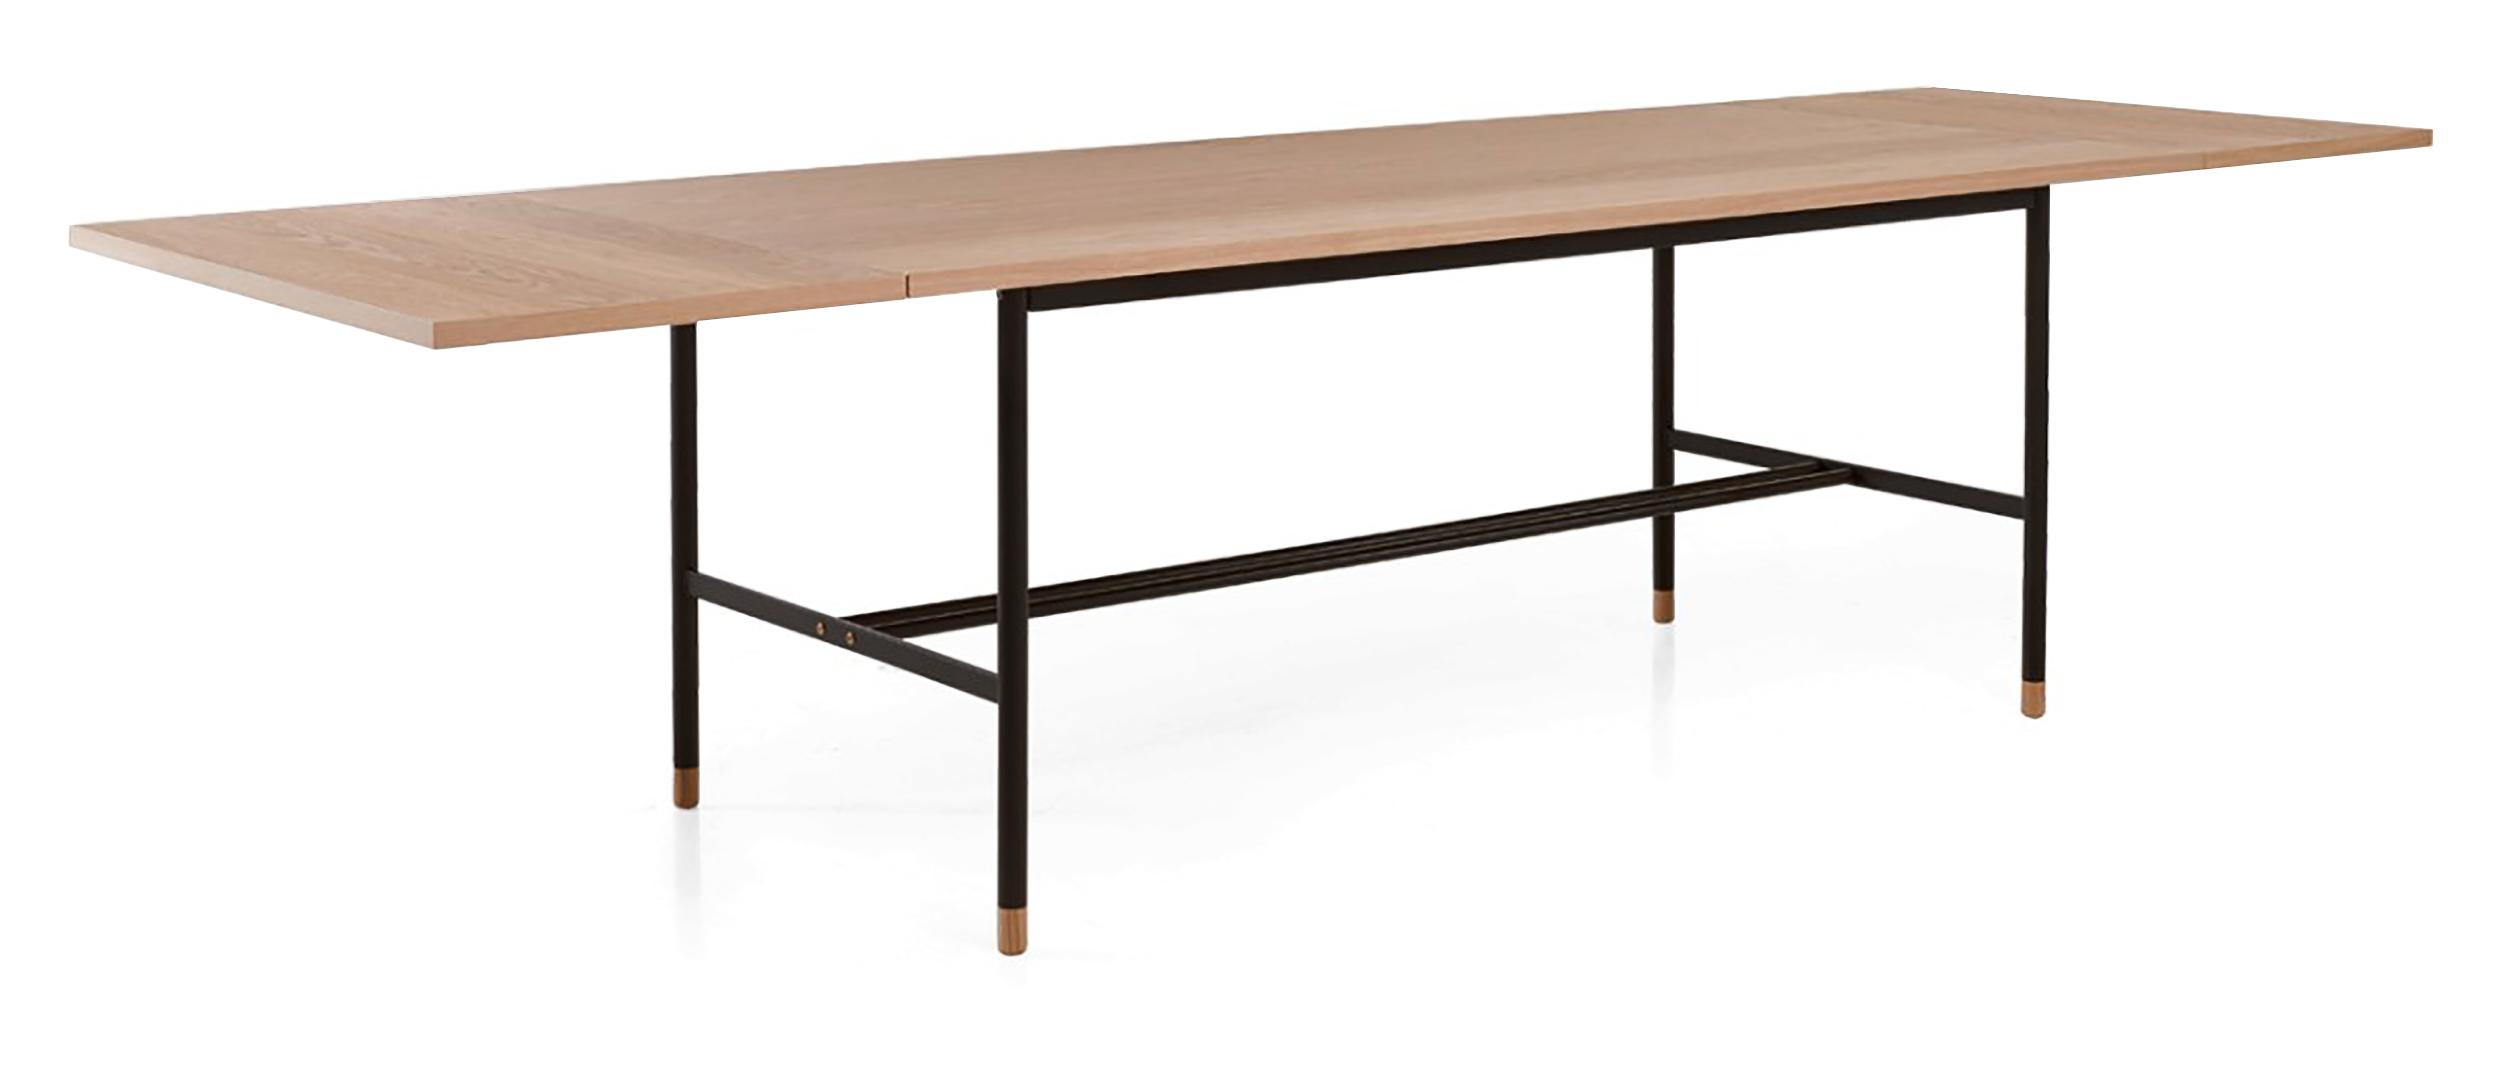 Jugend jídelní stůl Extension